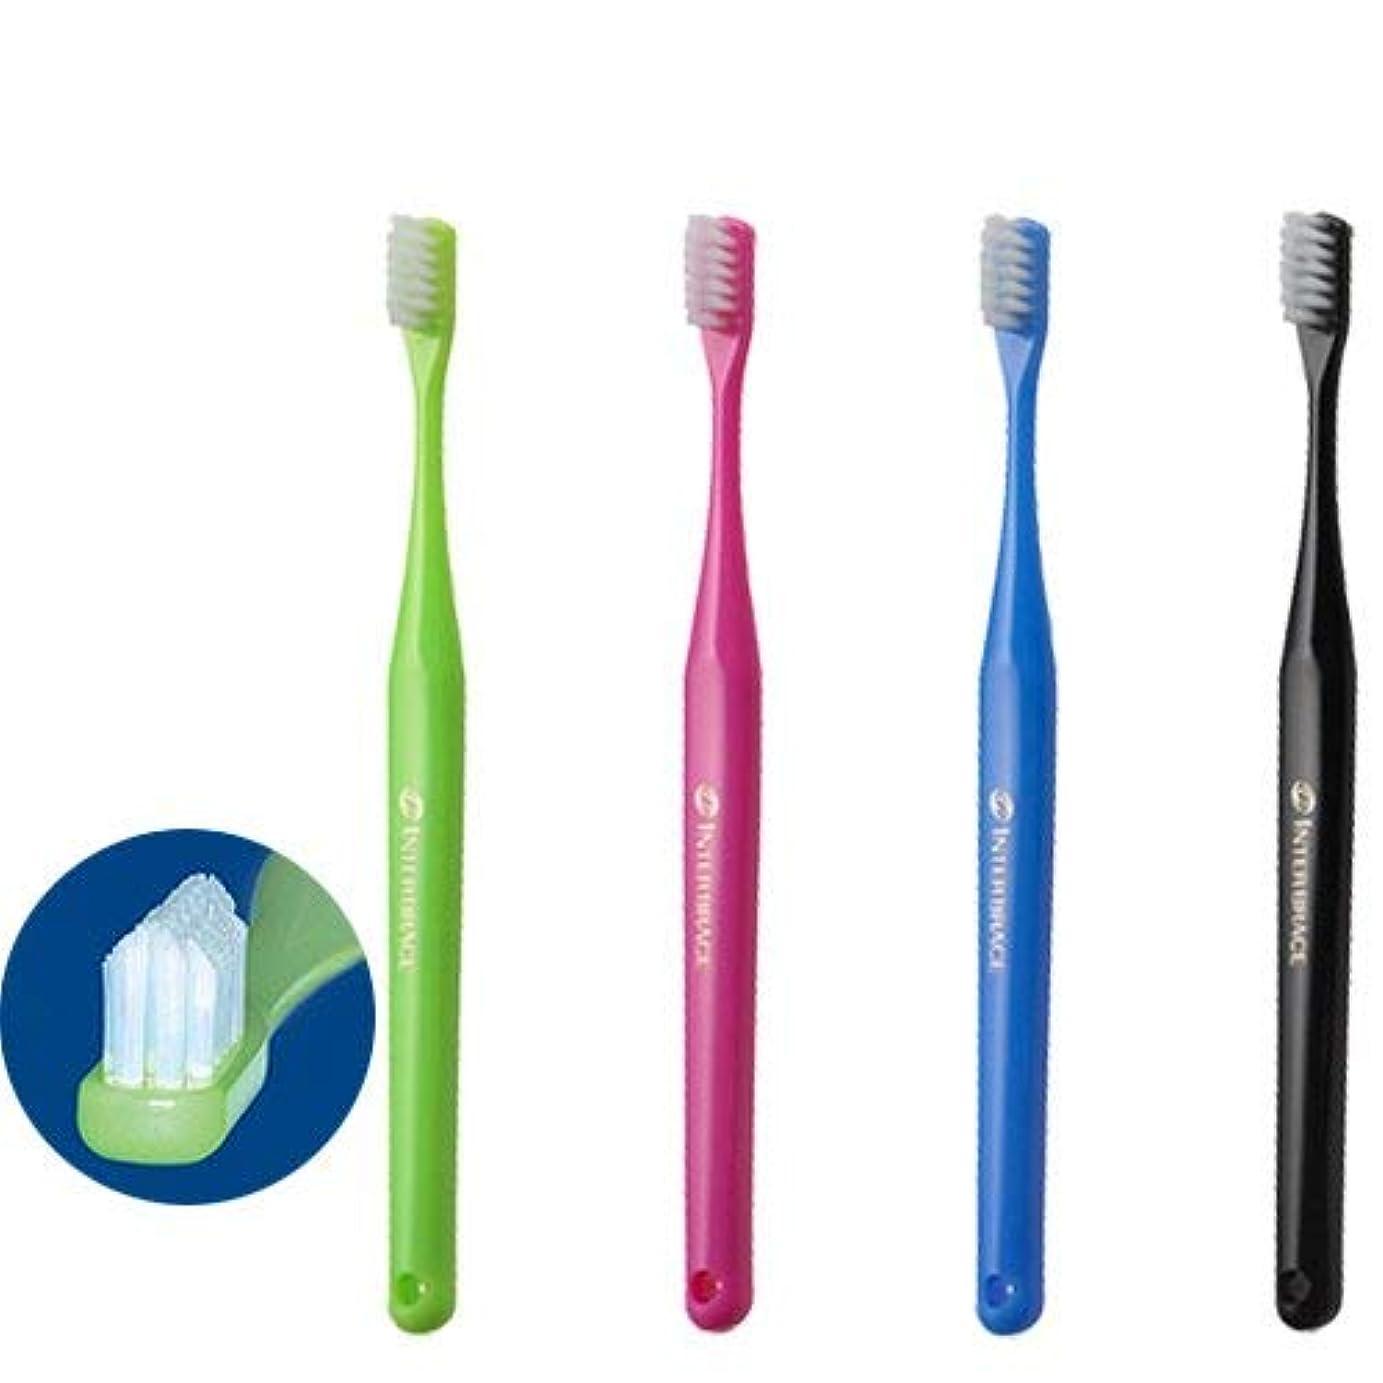 フィラデルフィアディプロマ招待インターブレイス (INTER BRACE) ×8本 矯正用歯ブラシ 歯科医院取扱品